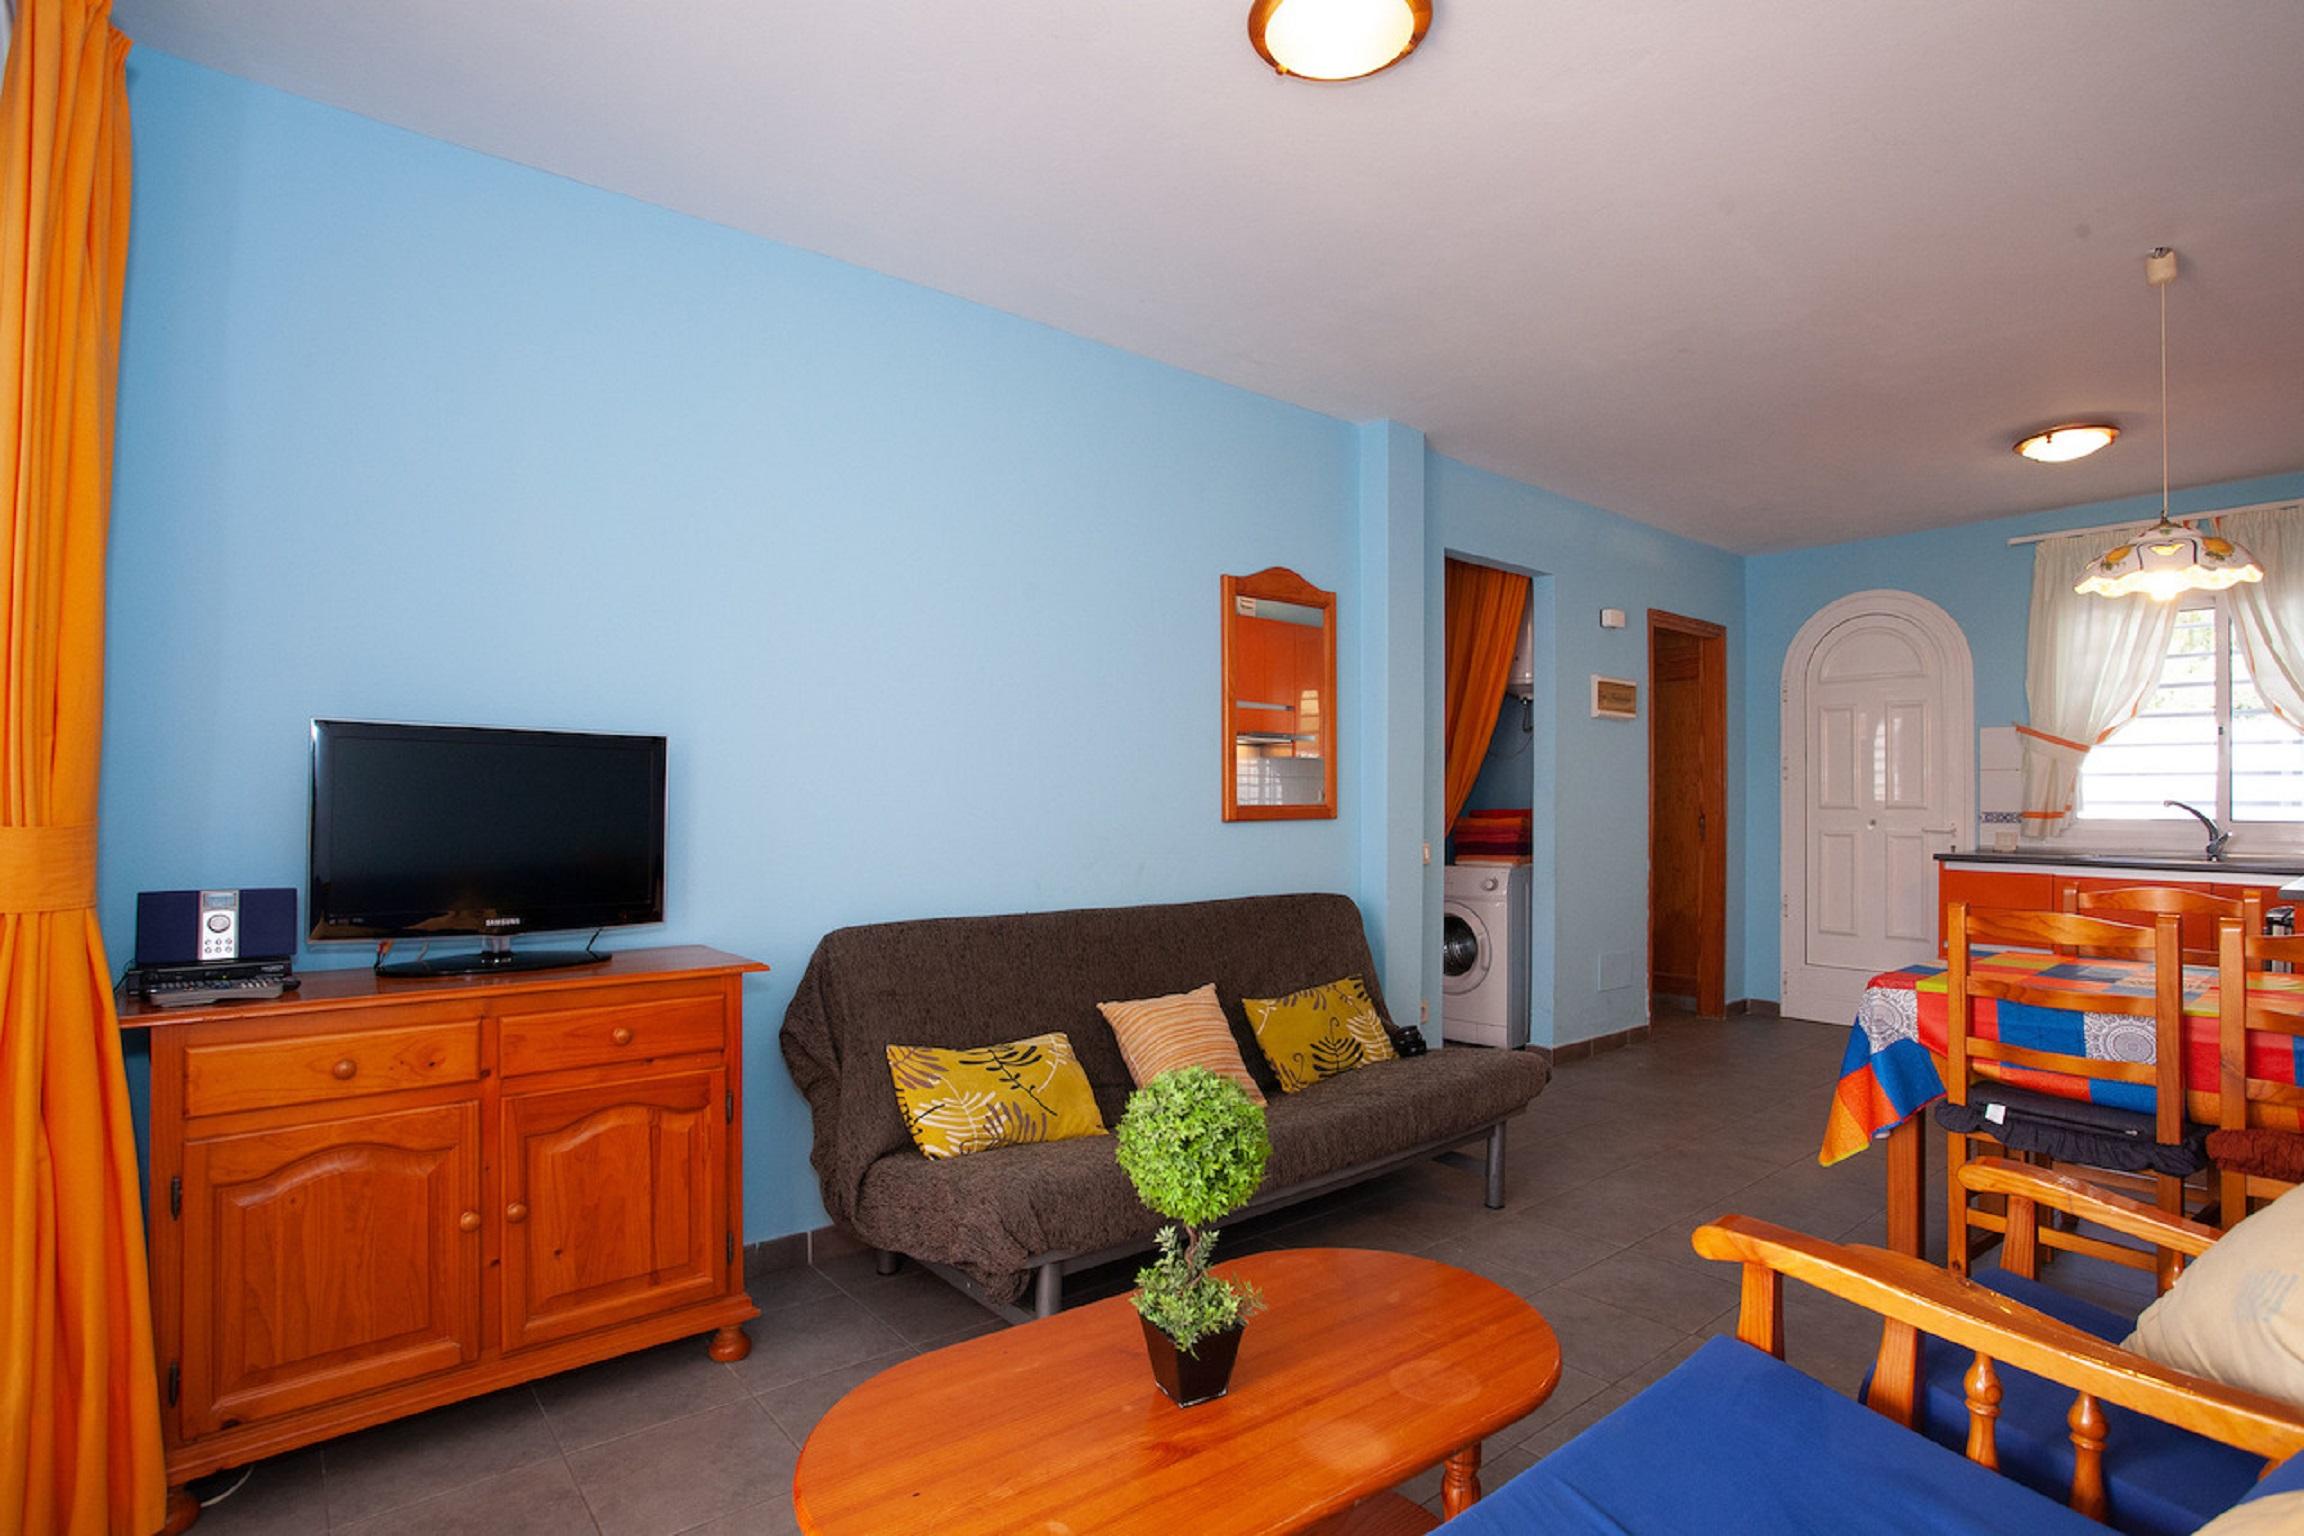 Ferienwohnung Apartment in Strandnhe mit groer Terrasse, Wlan und Parkplatz (2628896), Costa Calma, Fuerteventura, Kanarische Inseln, Spanien, Bild 10